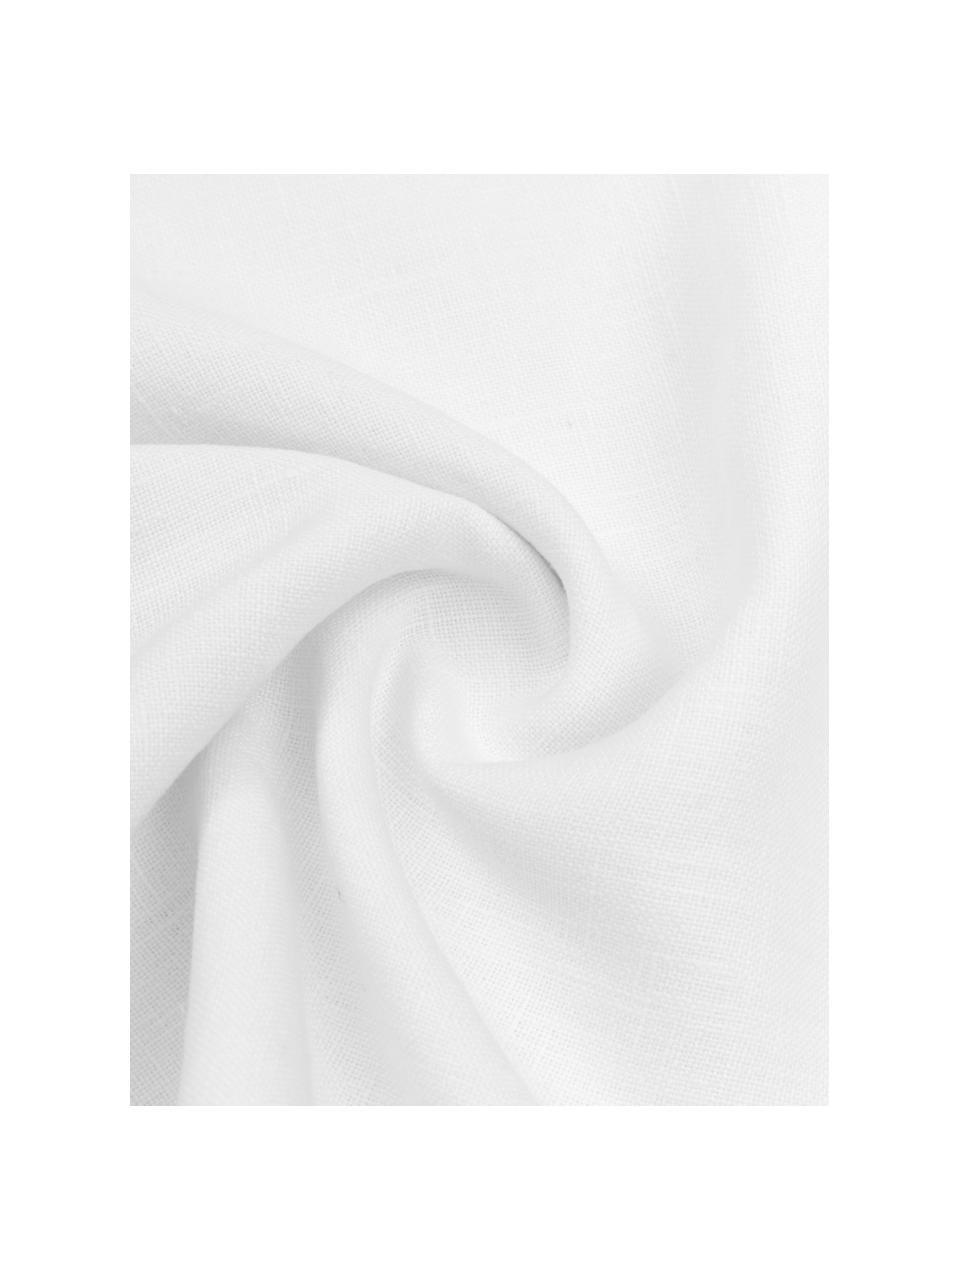 Lněný povlak na polštář s třásněmi Luana, Krémově bílá